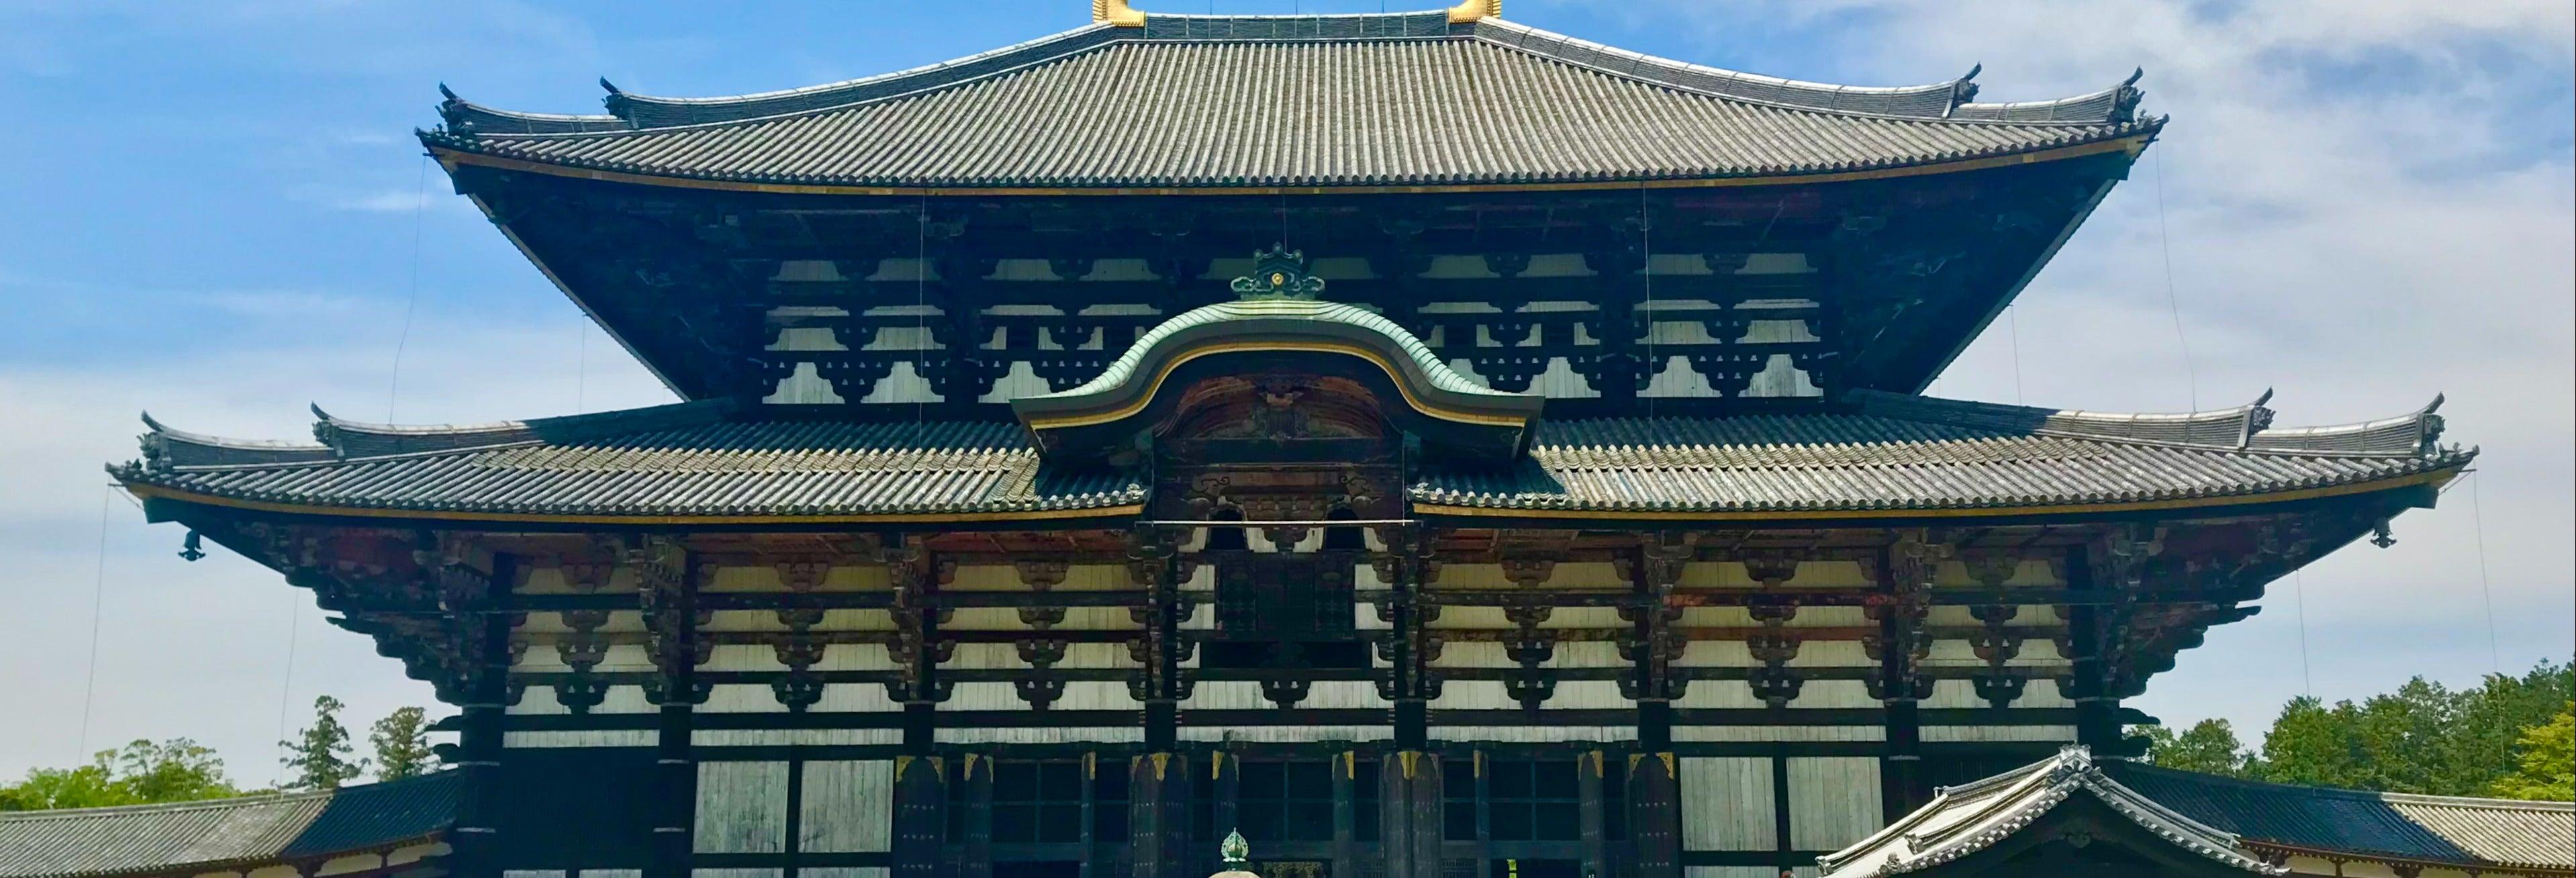 Visita guiada por Nara